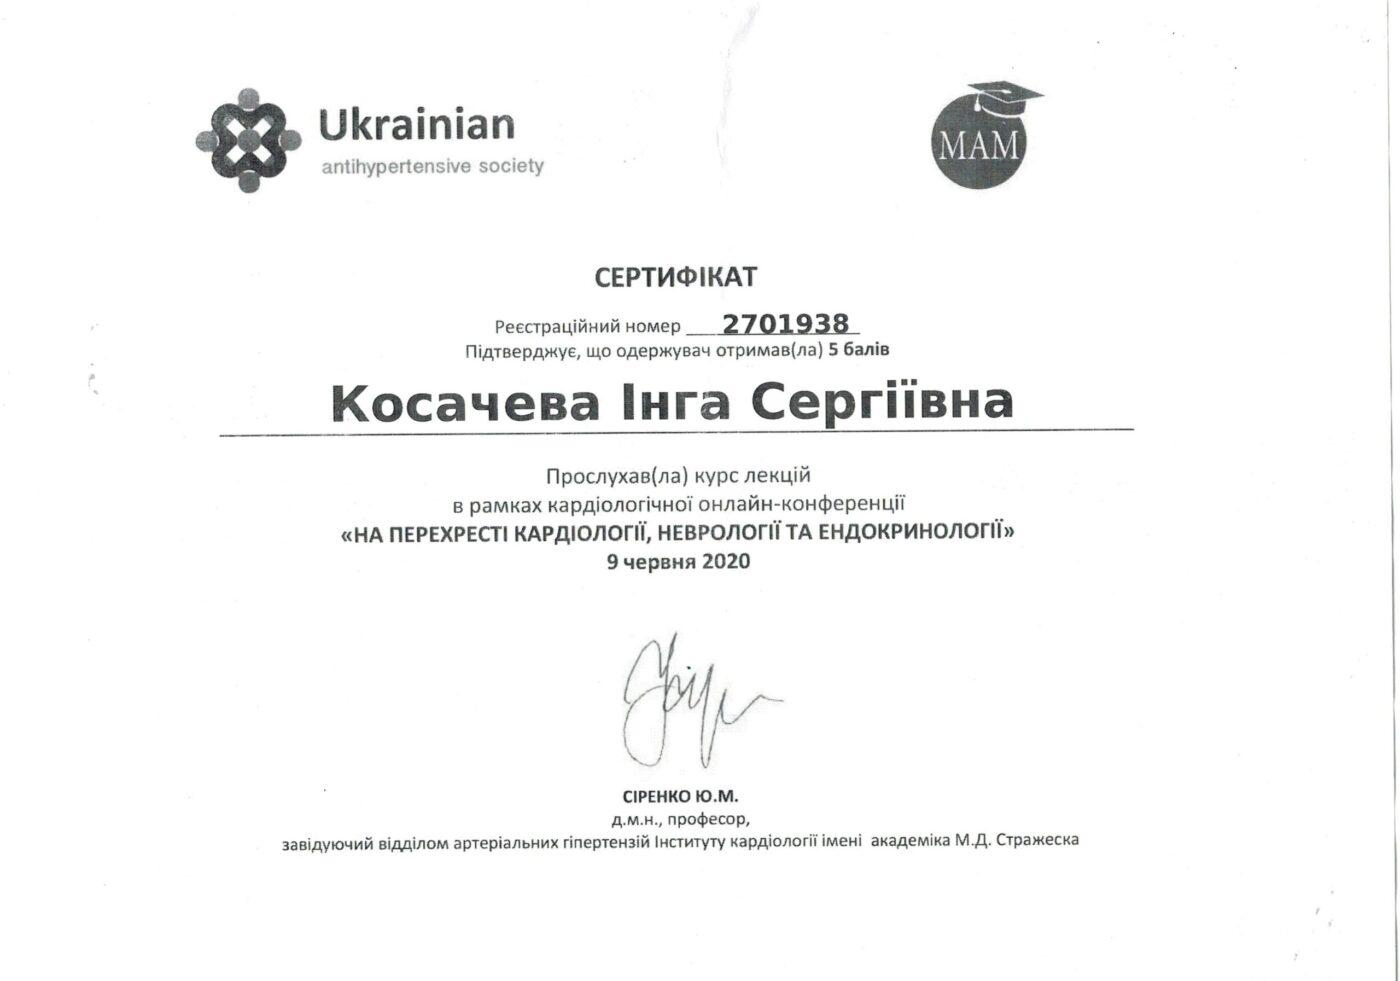 Сертифікат дитячого лікаря анестезіолога Косачевої Інги Сергіївни об участі у конференции (На перехресті кардіології, неврології та ендокринології)